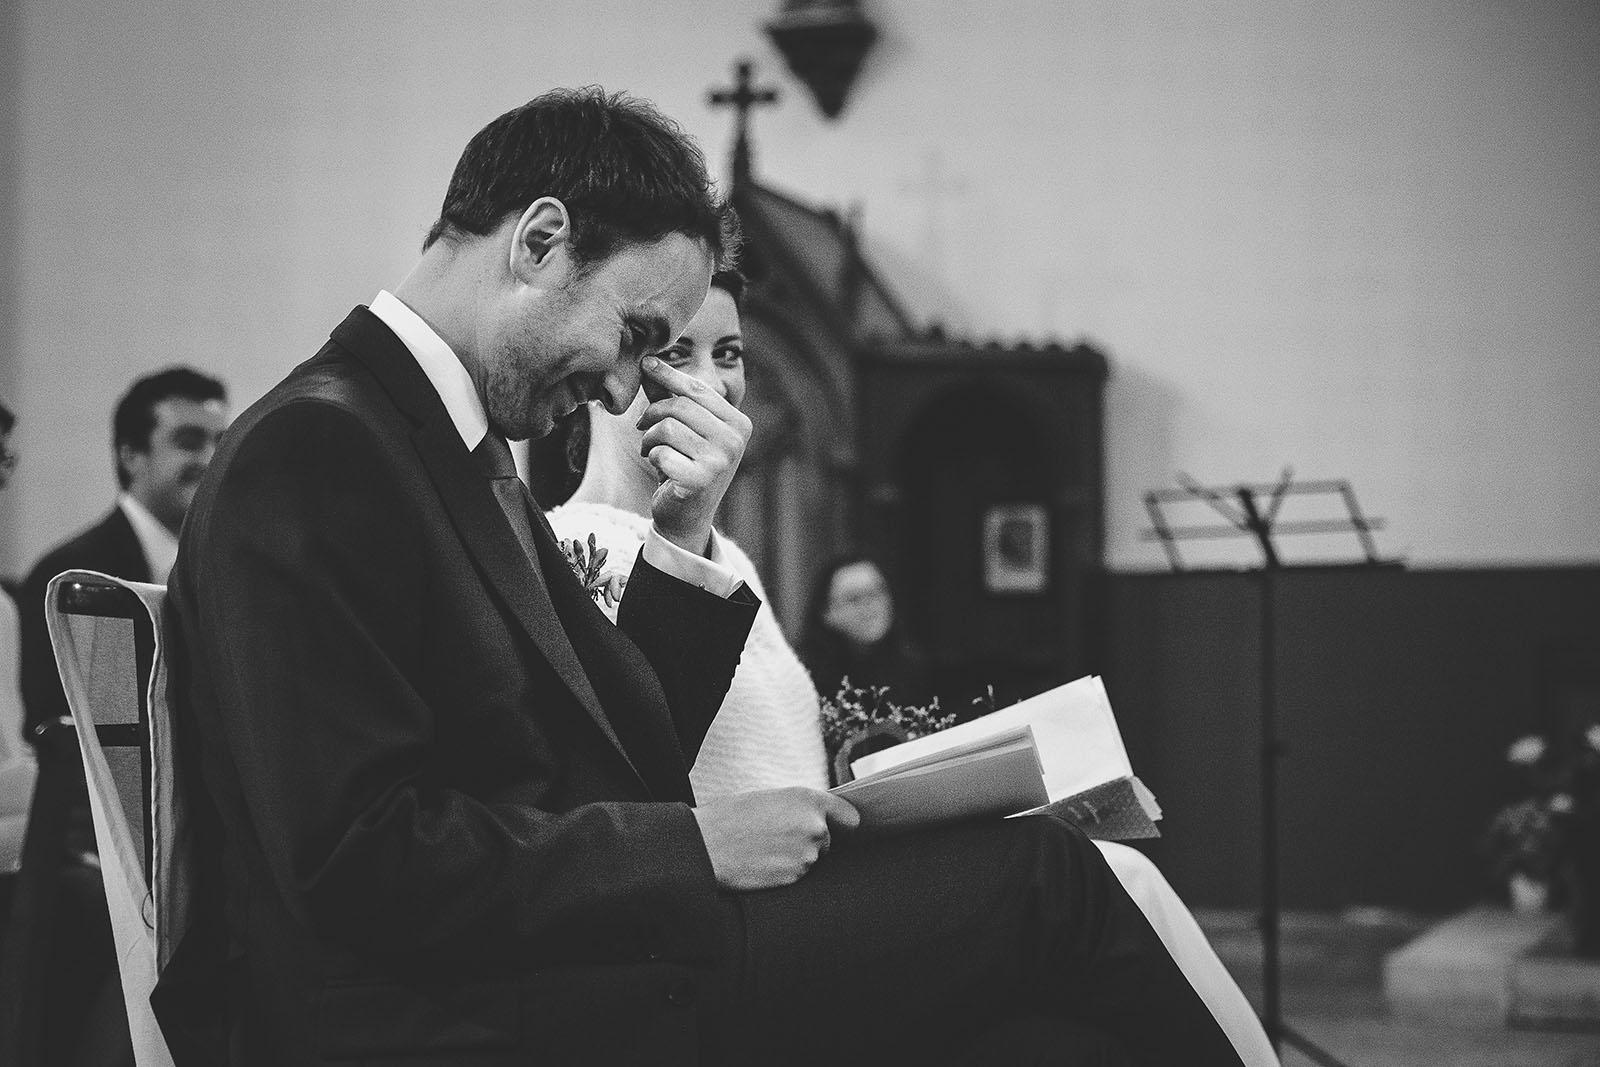 Mariage Château de Beauvoir. L'émotion des mariés durant la cérémonie à l'église. David Pommier photographe de mariage